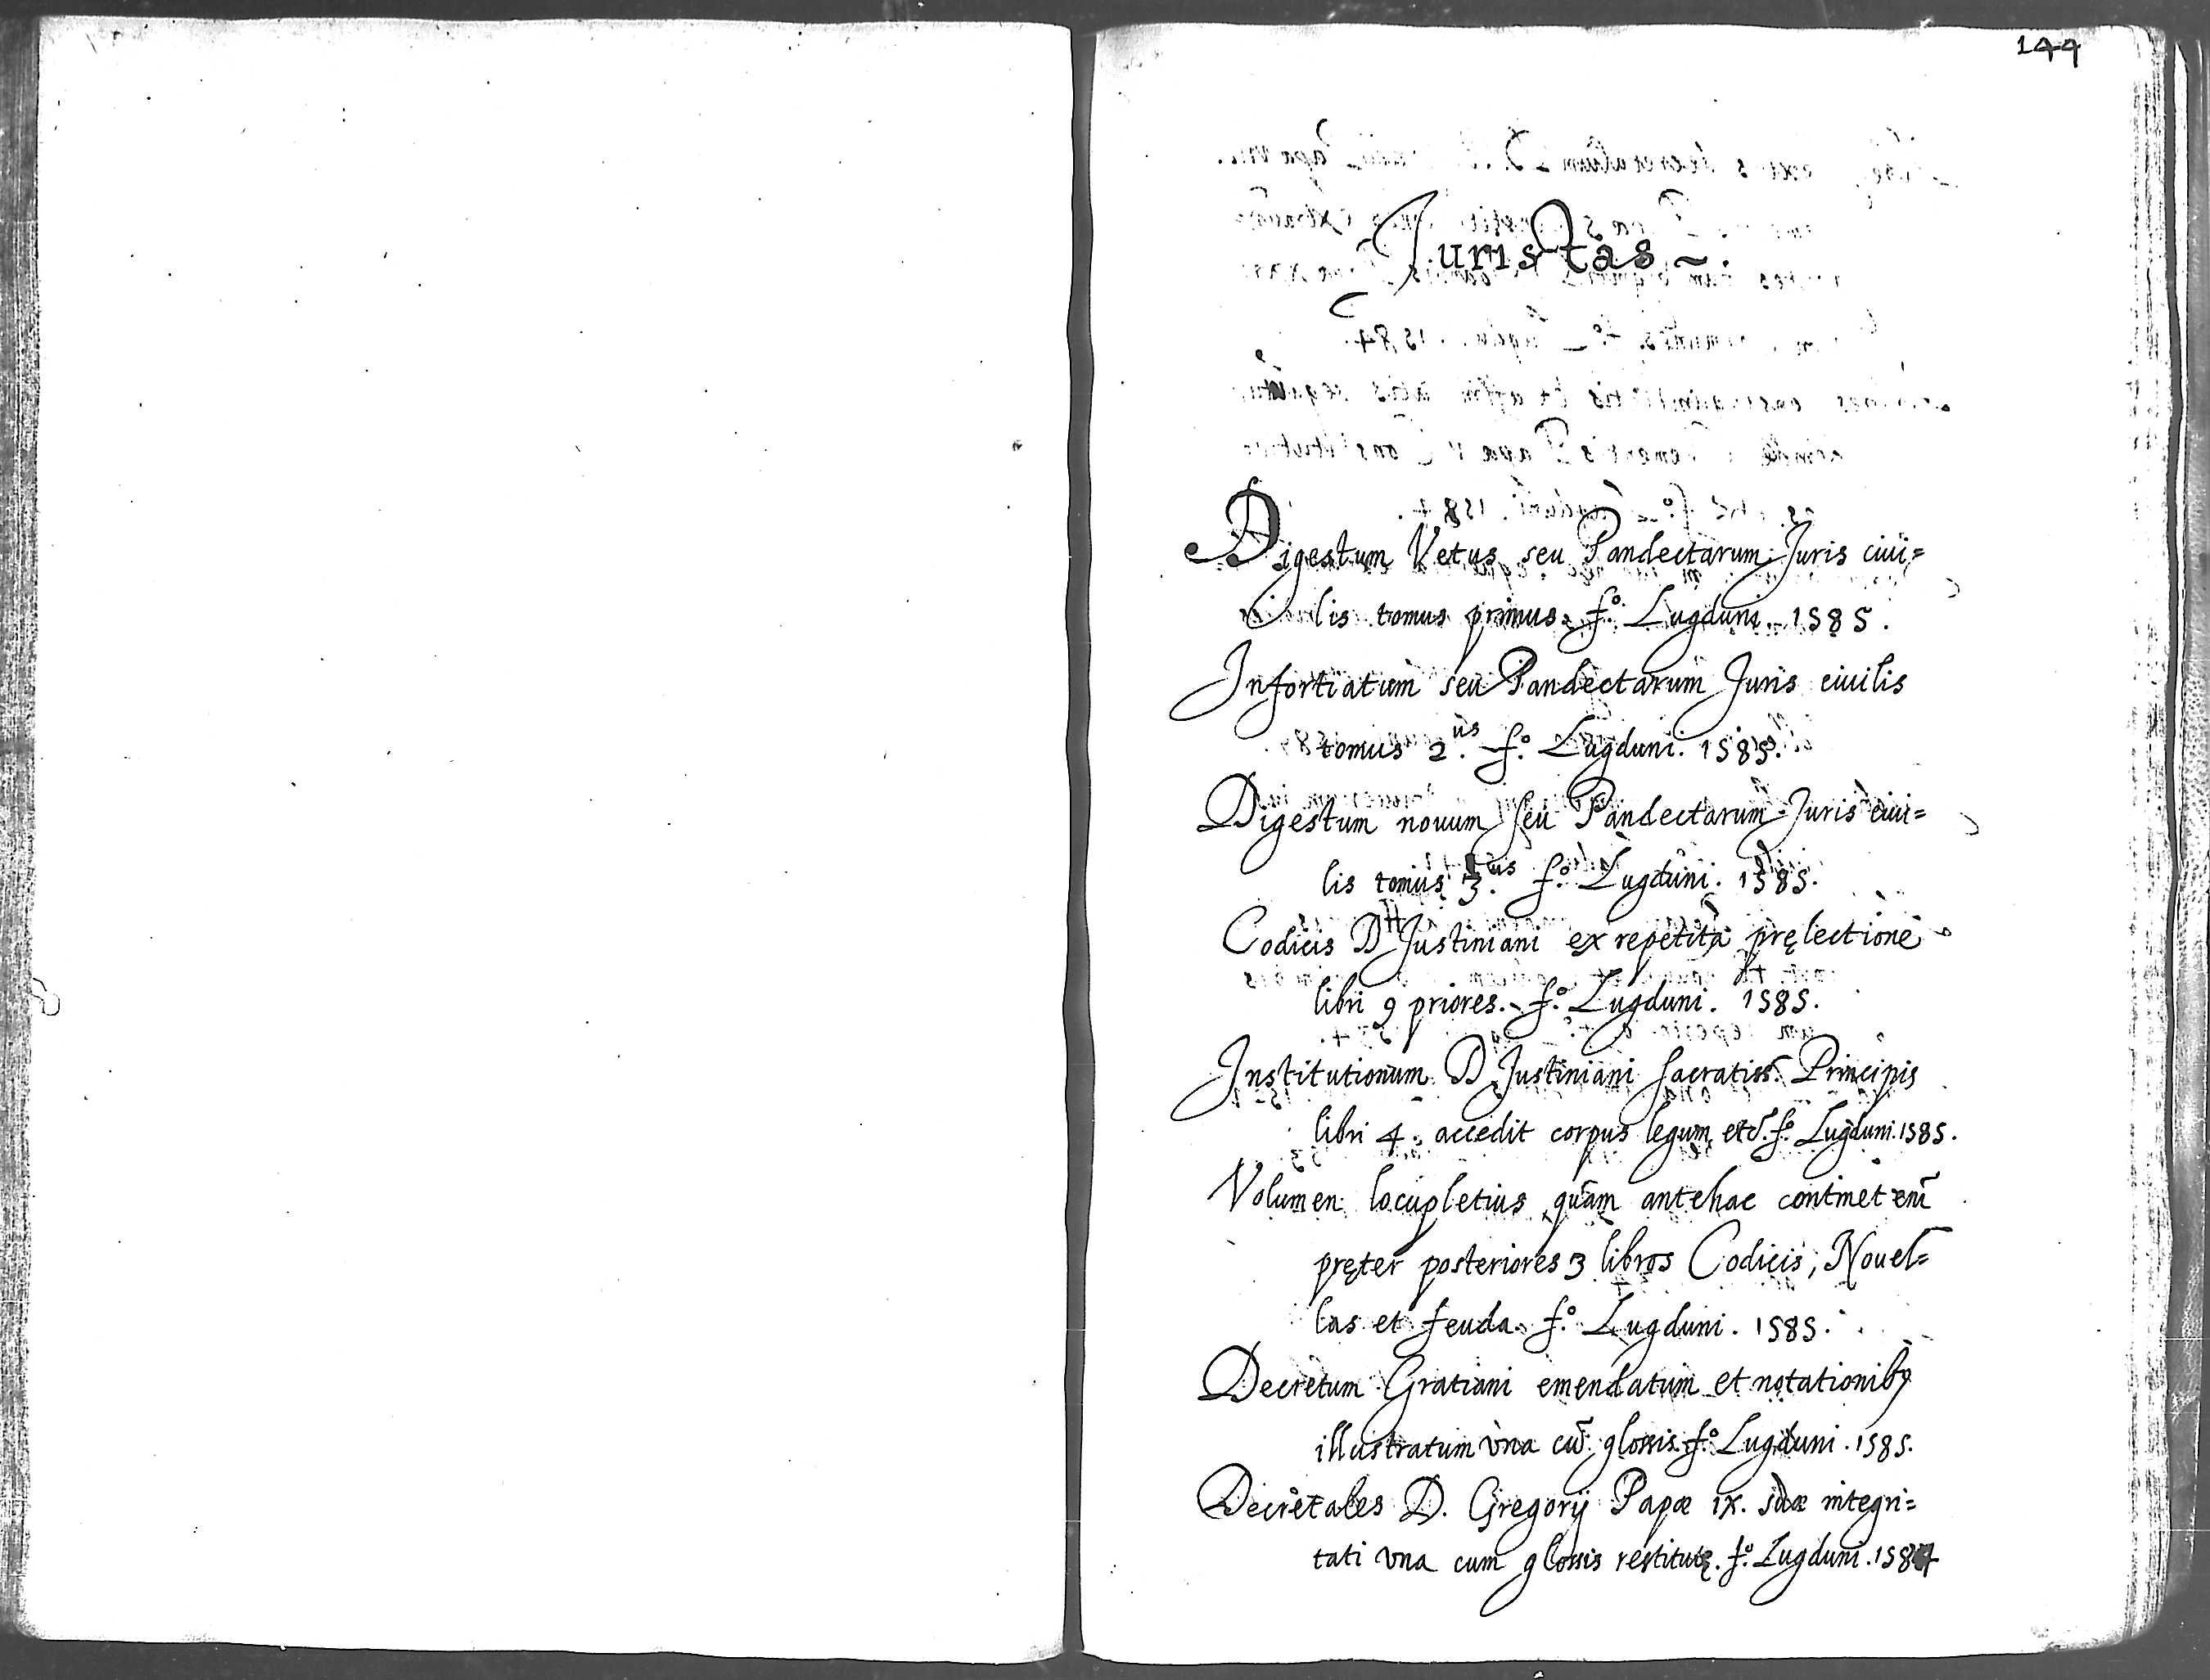 Reproducción digital fol. 144r